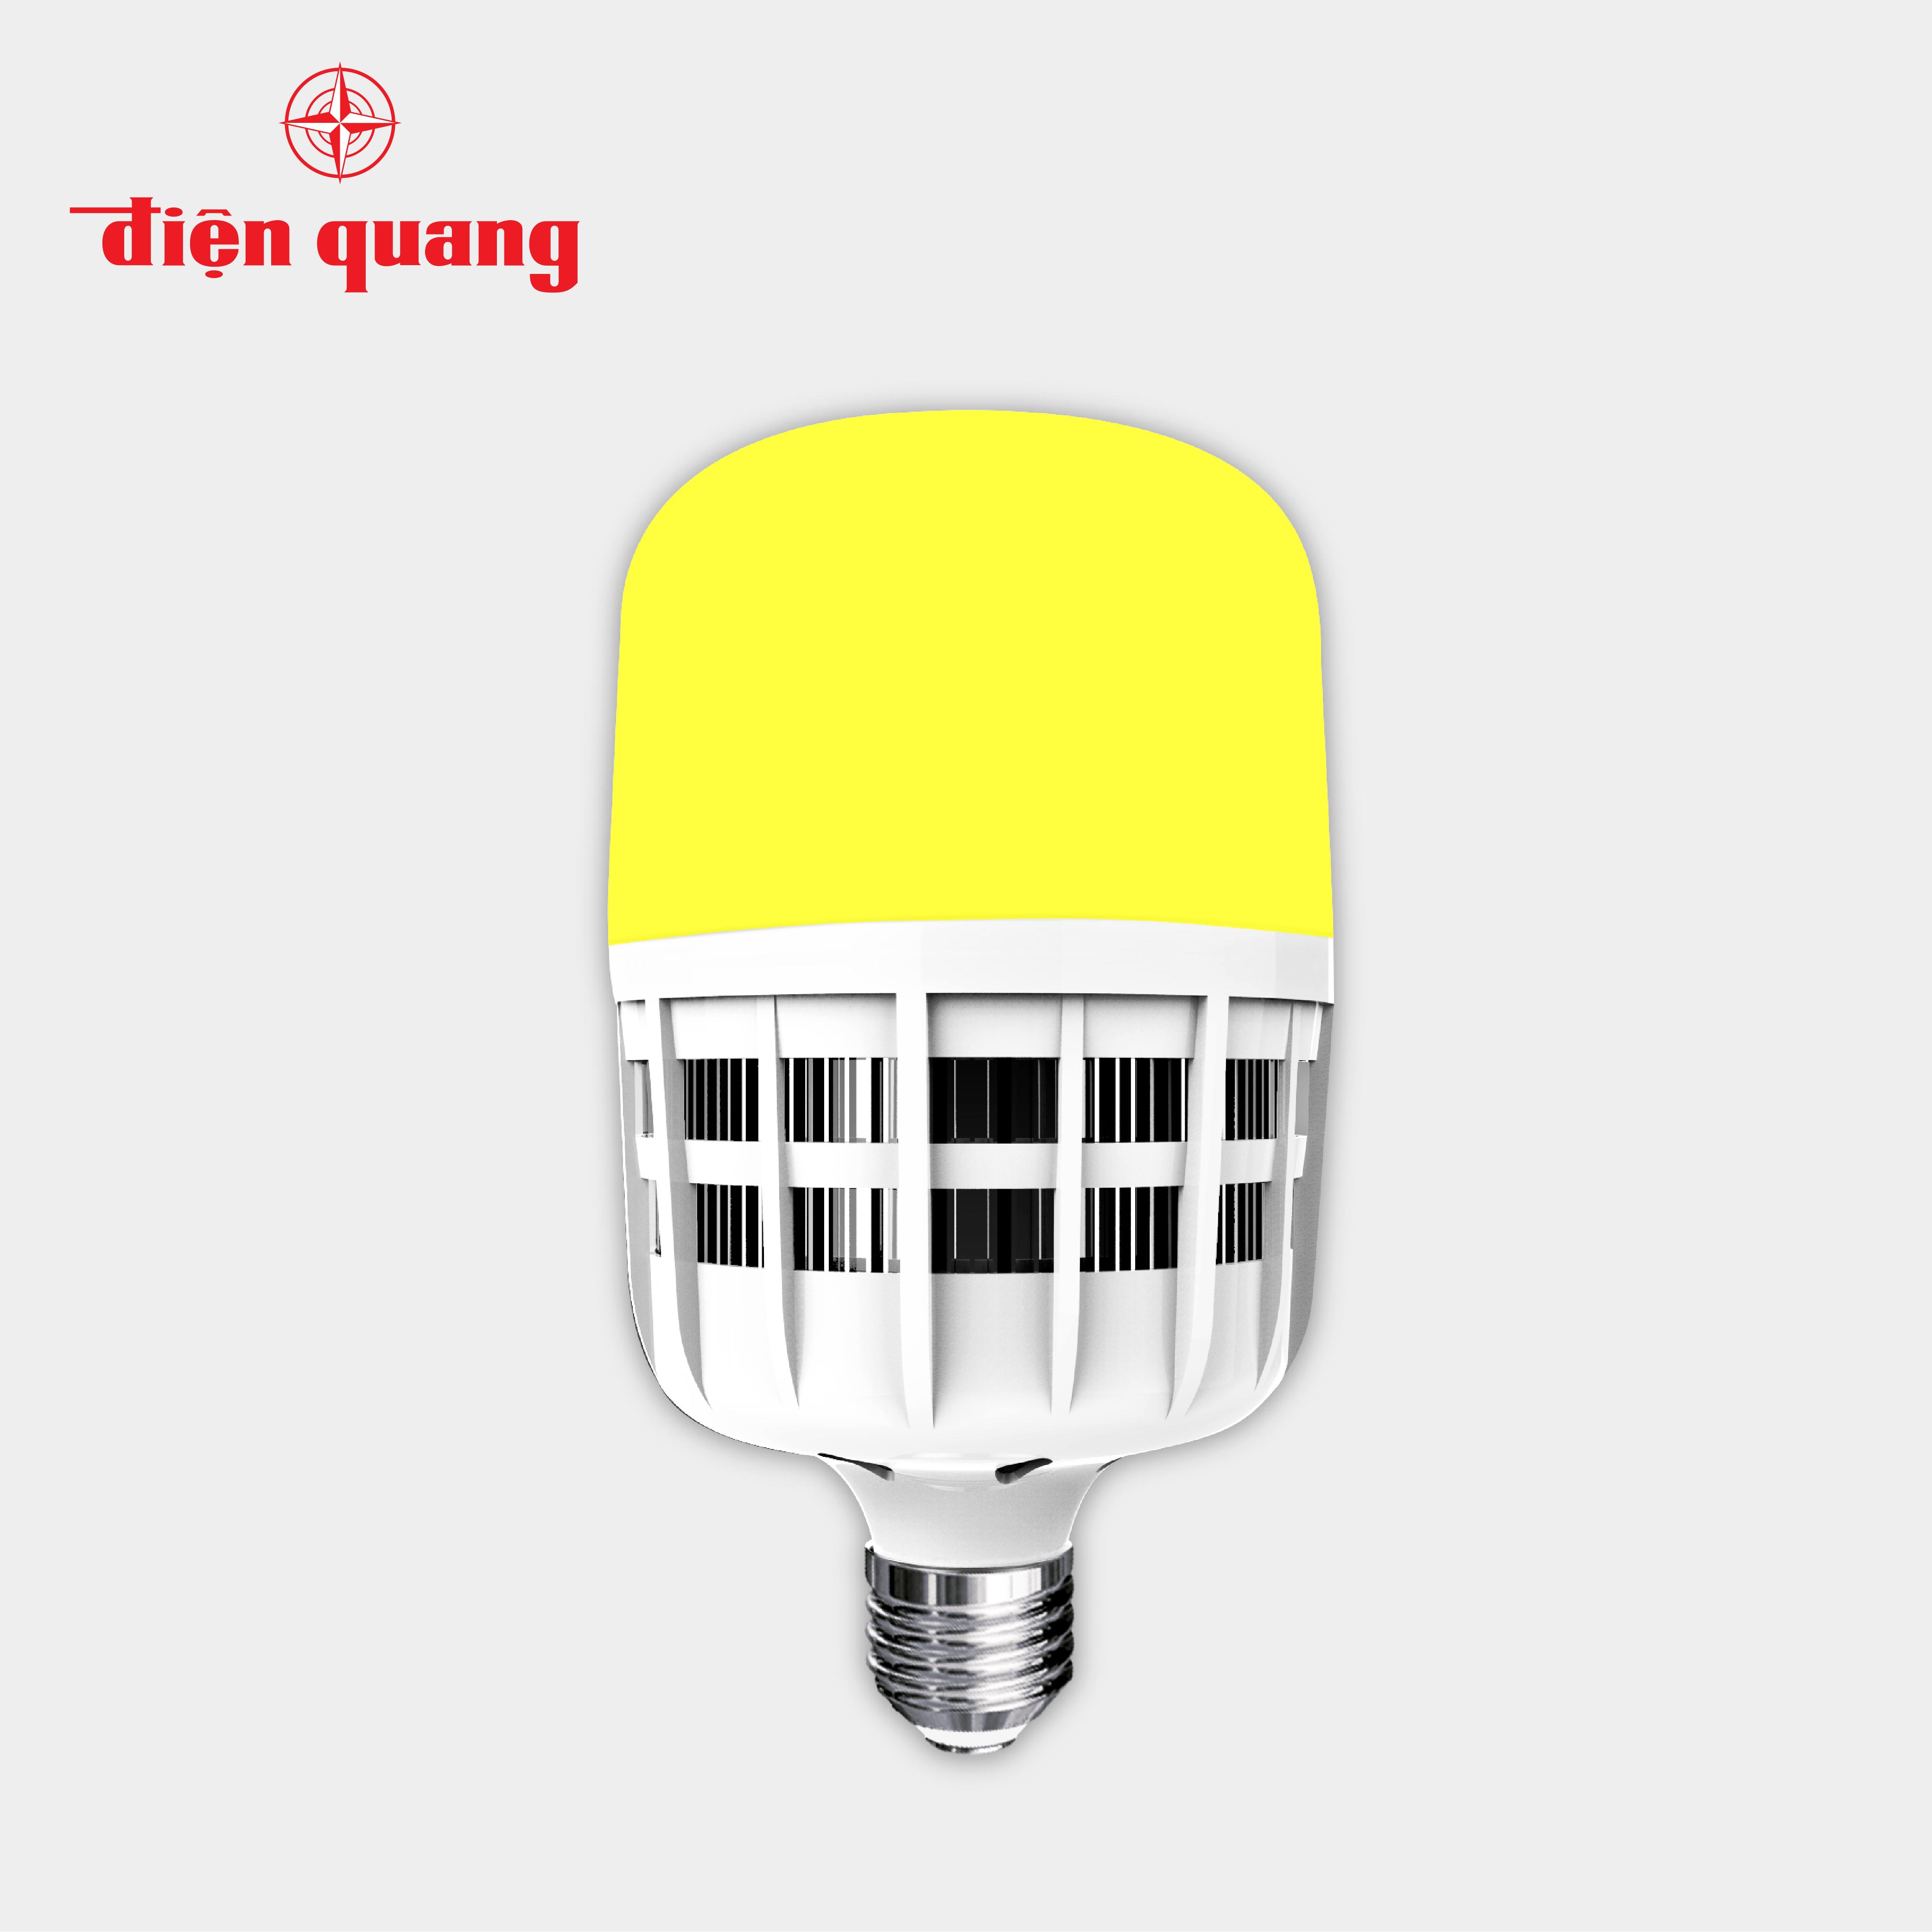 Đèn LED Bulb công suất lớn Điện Quang ĐQ LEDBU09 25W